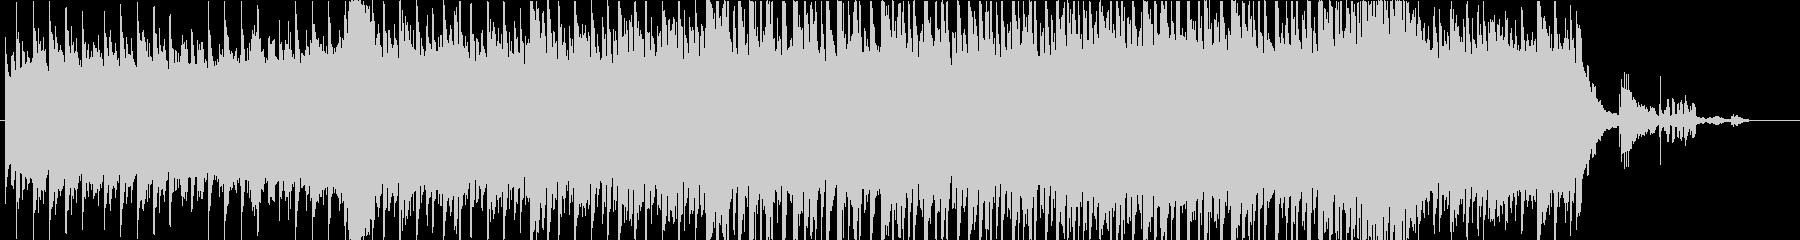 森で聞きたいわくわくするハープメインの曲の未再生の波形